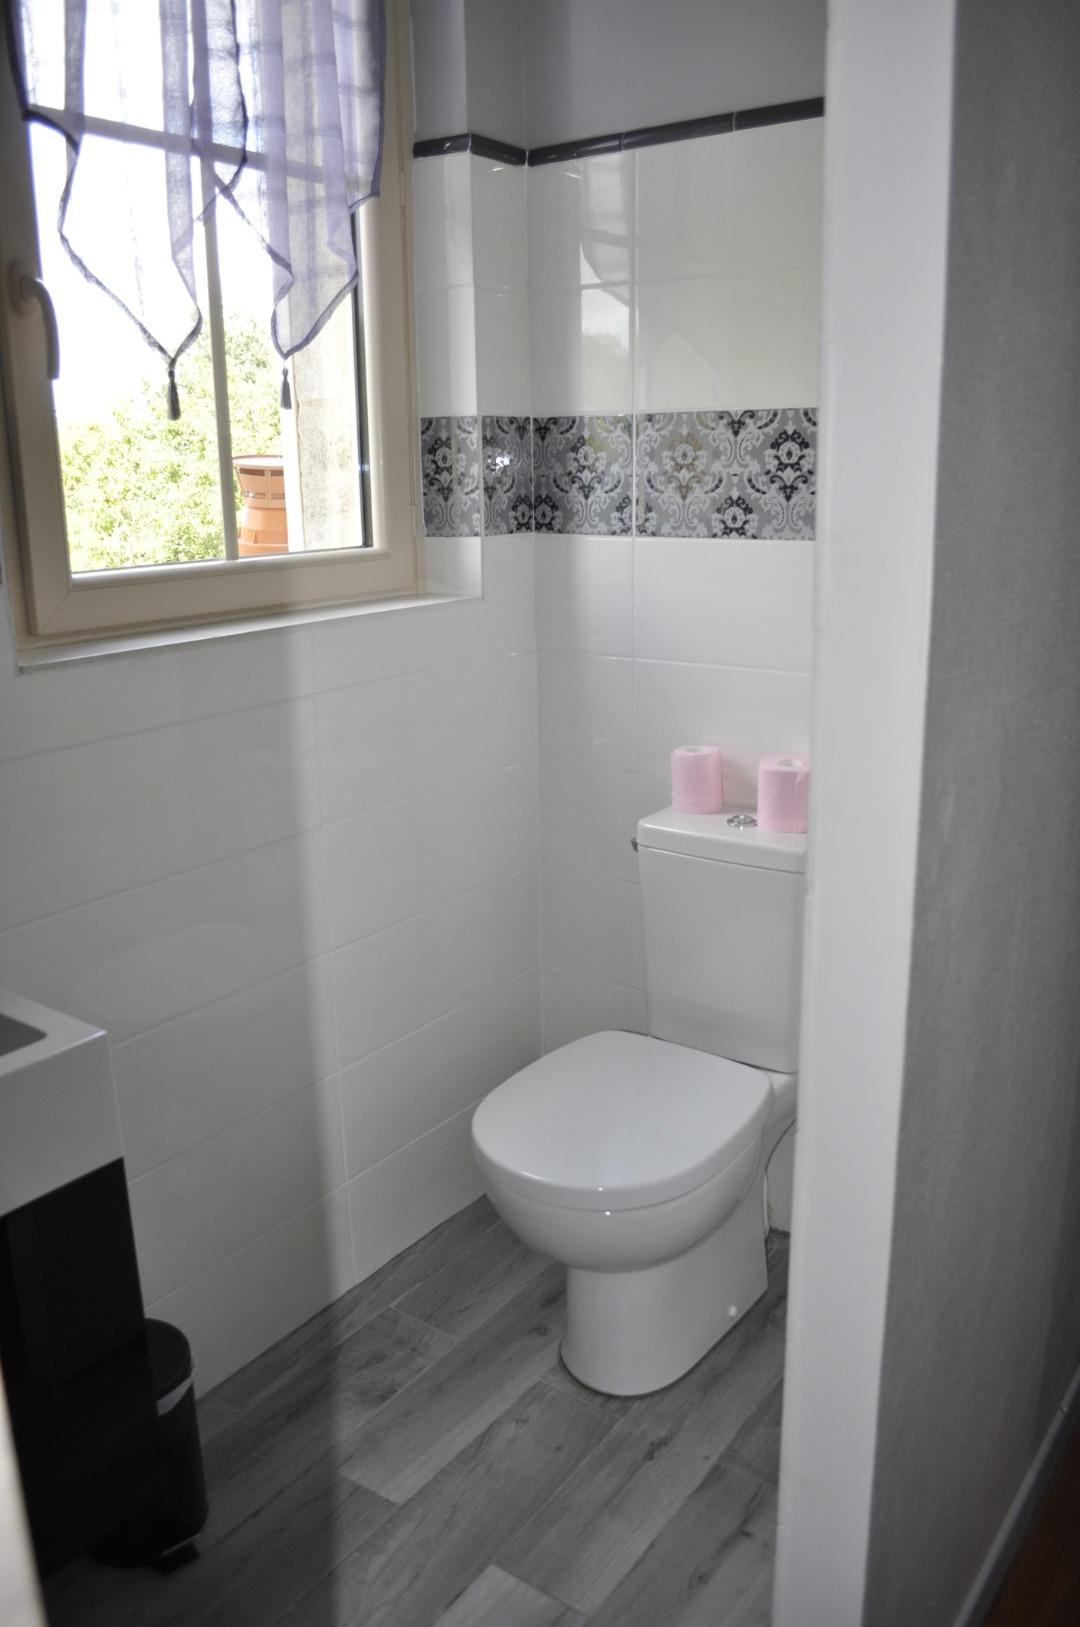 Chambre d'hôte spacieuse avec salle de bain privée à Ludon-Médoc